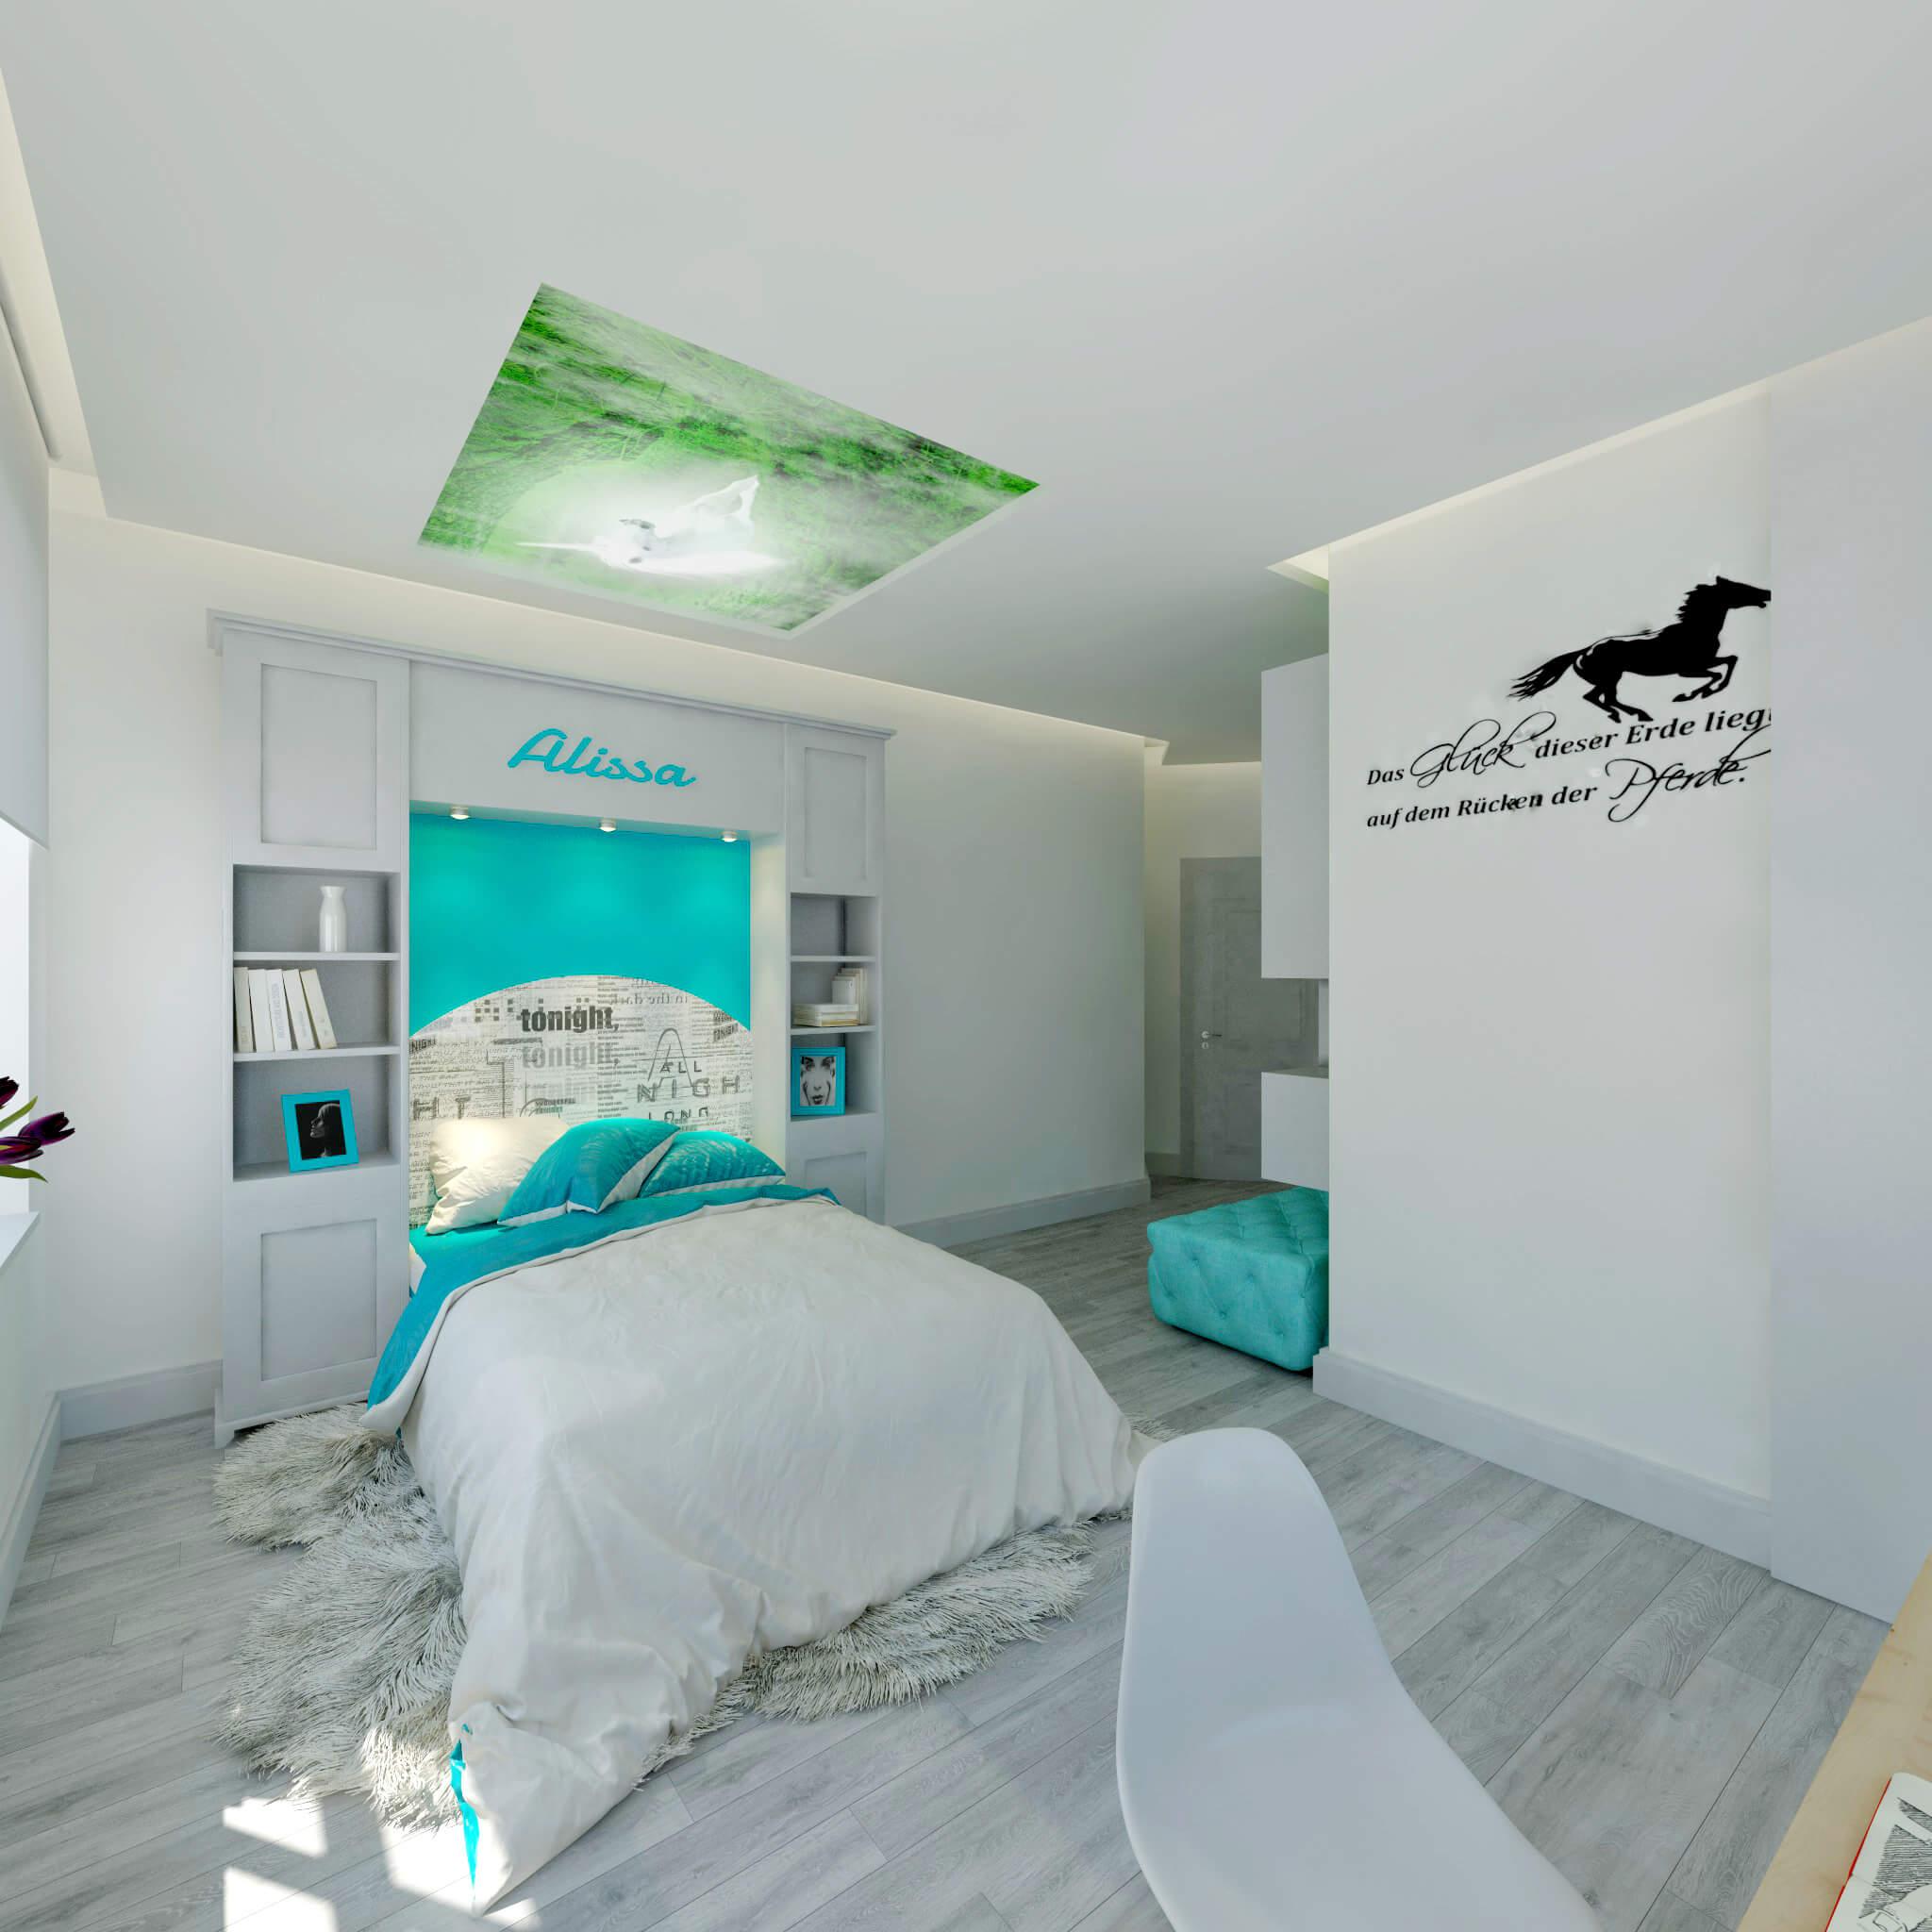 Ideen Minimalismus Und Natürlichkeit Im Badezimmer 2018: Minimalistisch Einrichten Mit Ikea Vorher Nachher Stilvoll